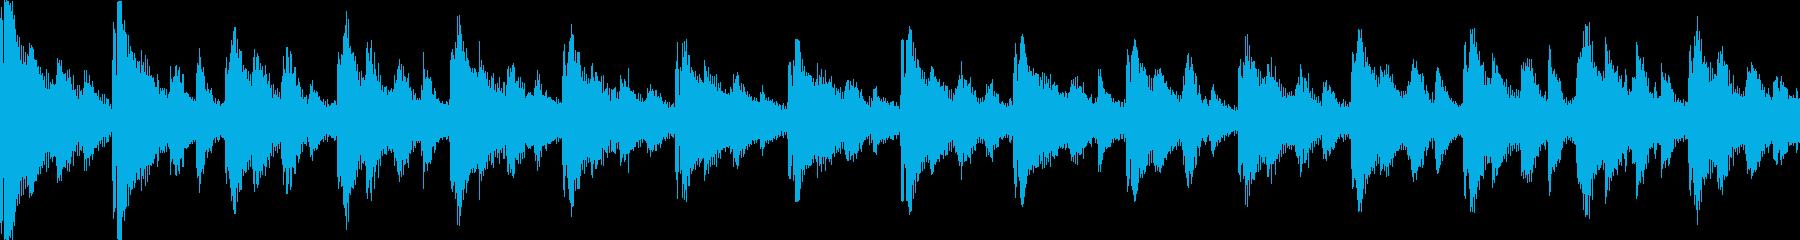 【ループA】かわいい感じのゆるやかテクノの再生済みの波形